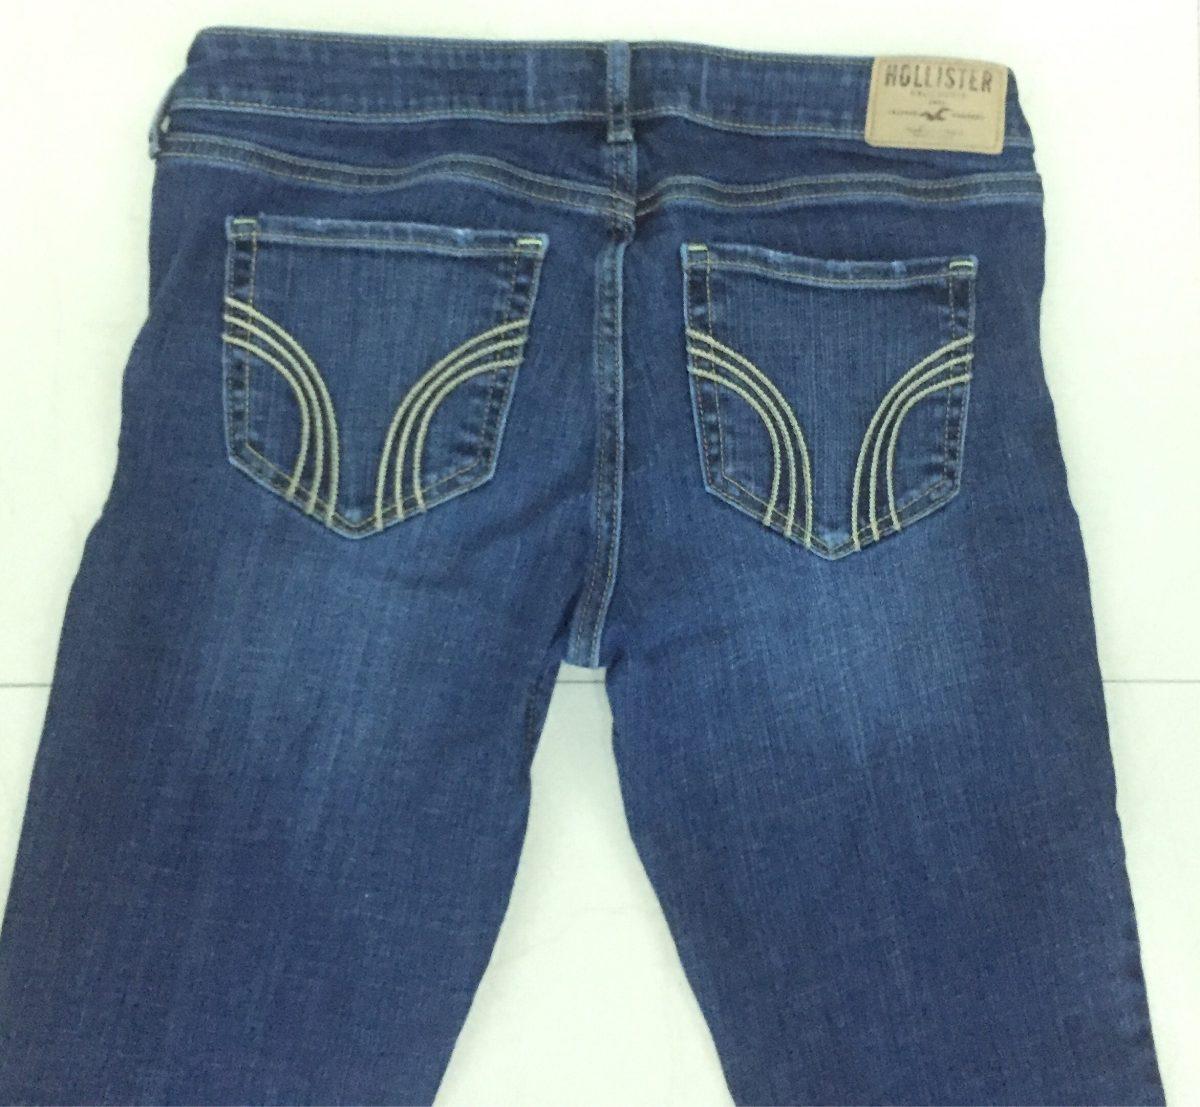 Purchase Pantalones Hollister De Mujer Precio Up To 74 Off